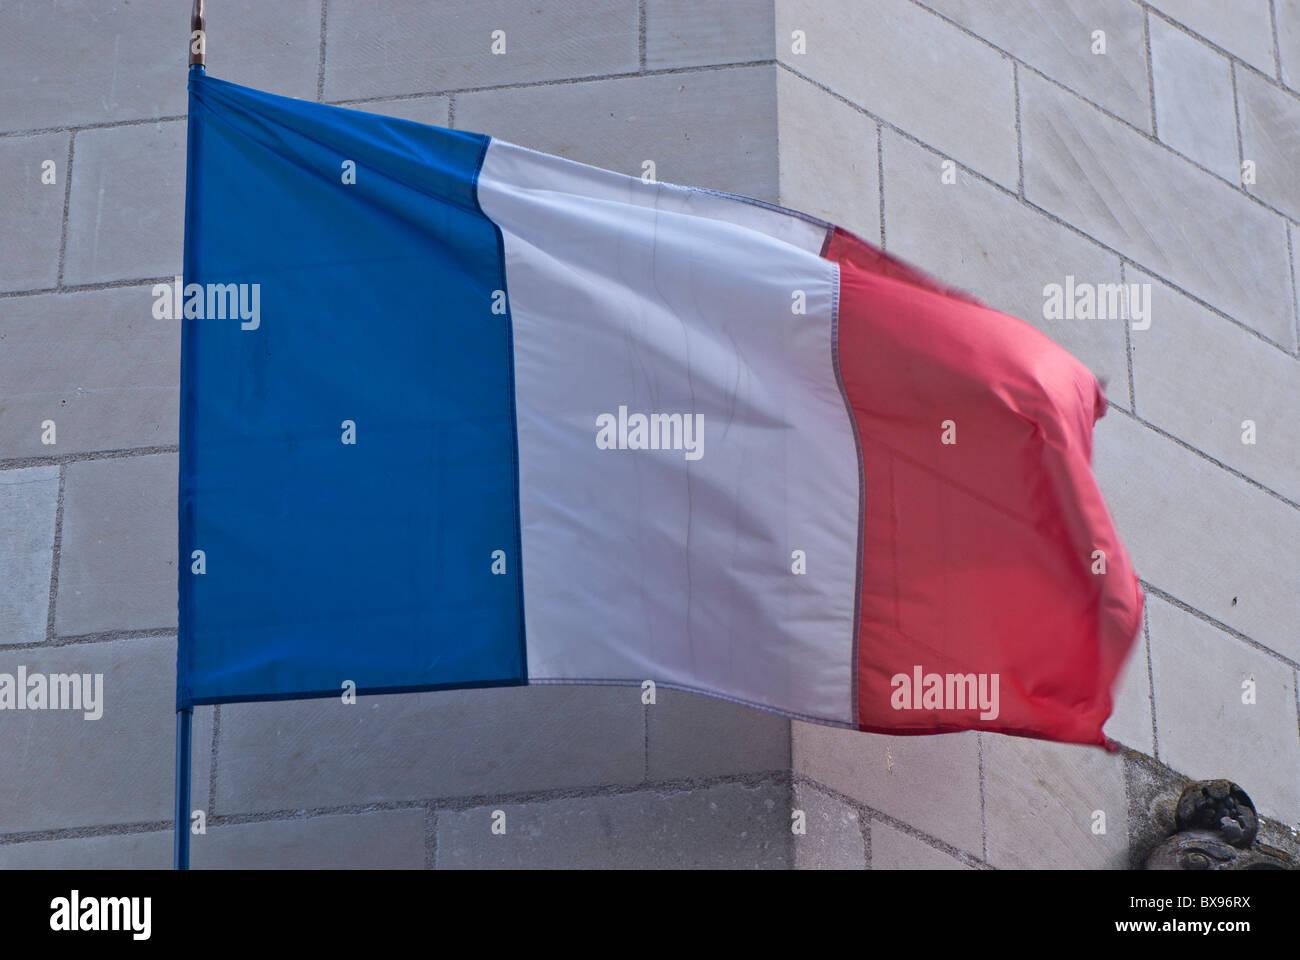 Cherche Hommes, Pour Plan Cul A 3 à Moulins